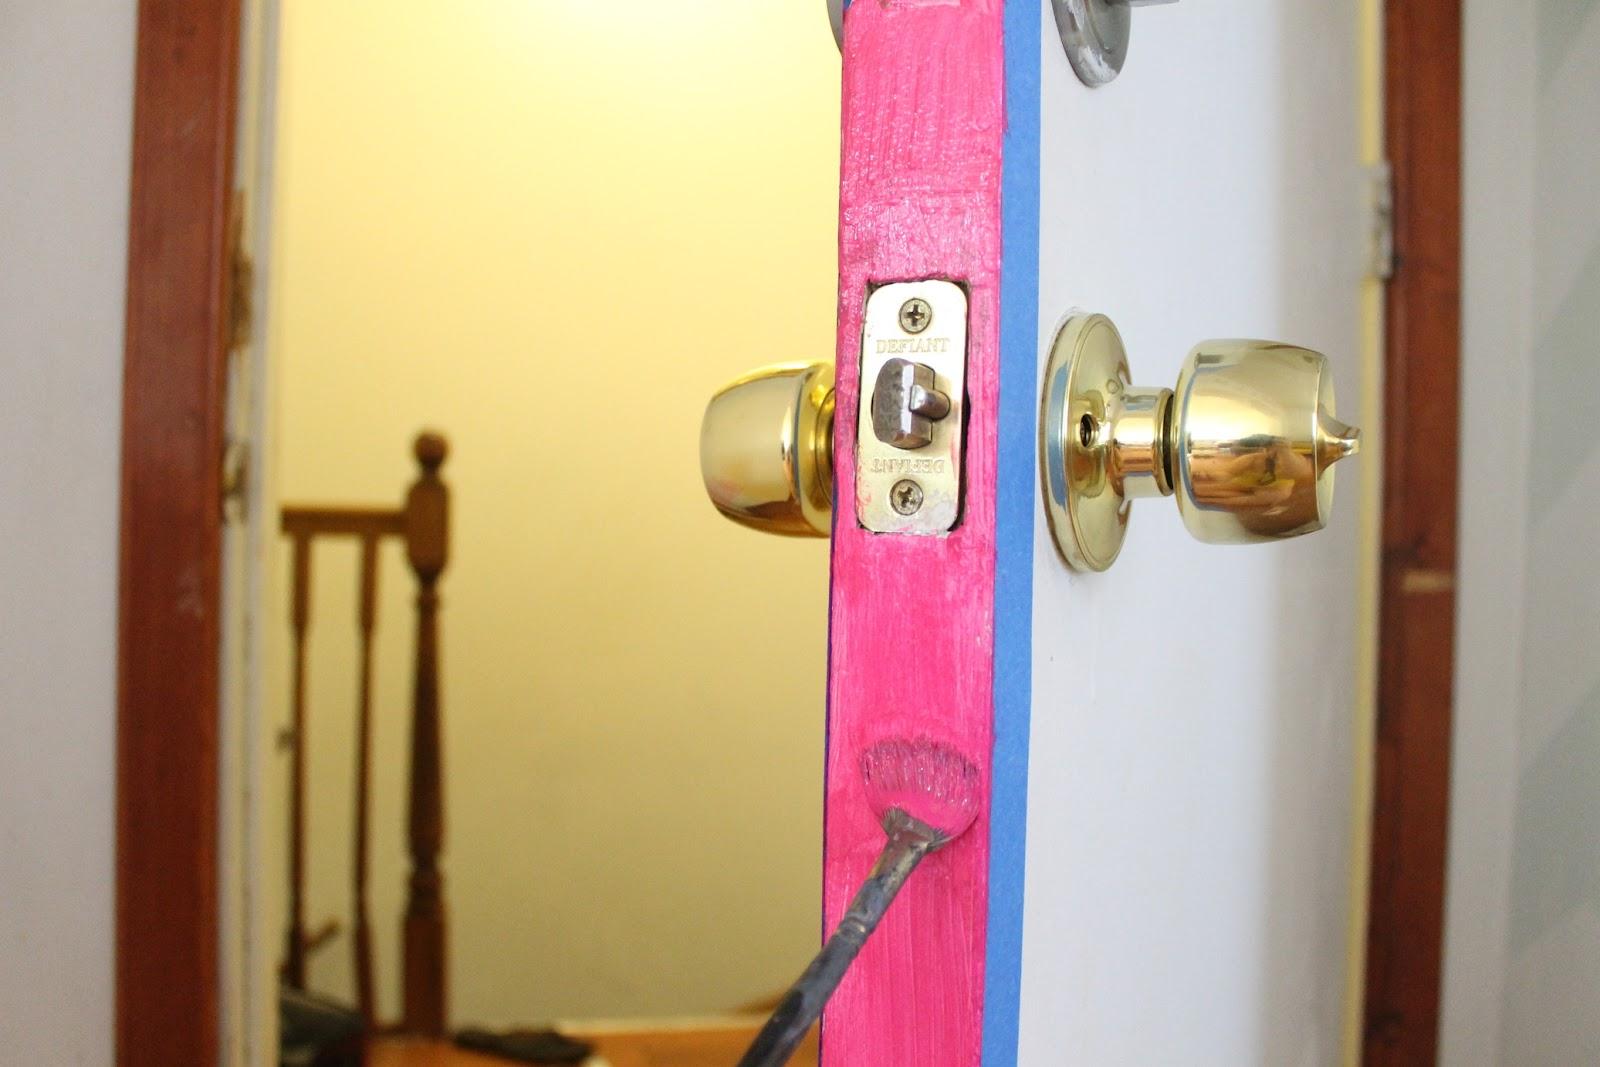 Paint the side of your door